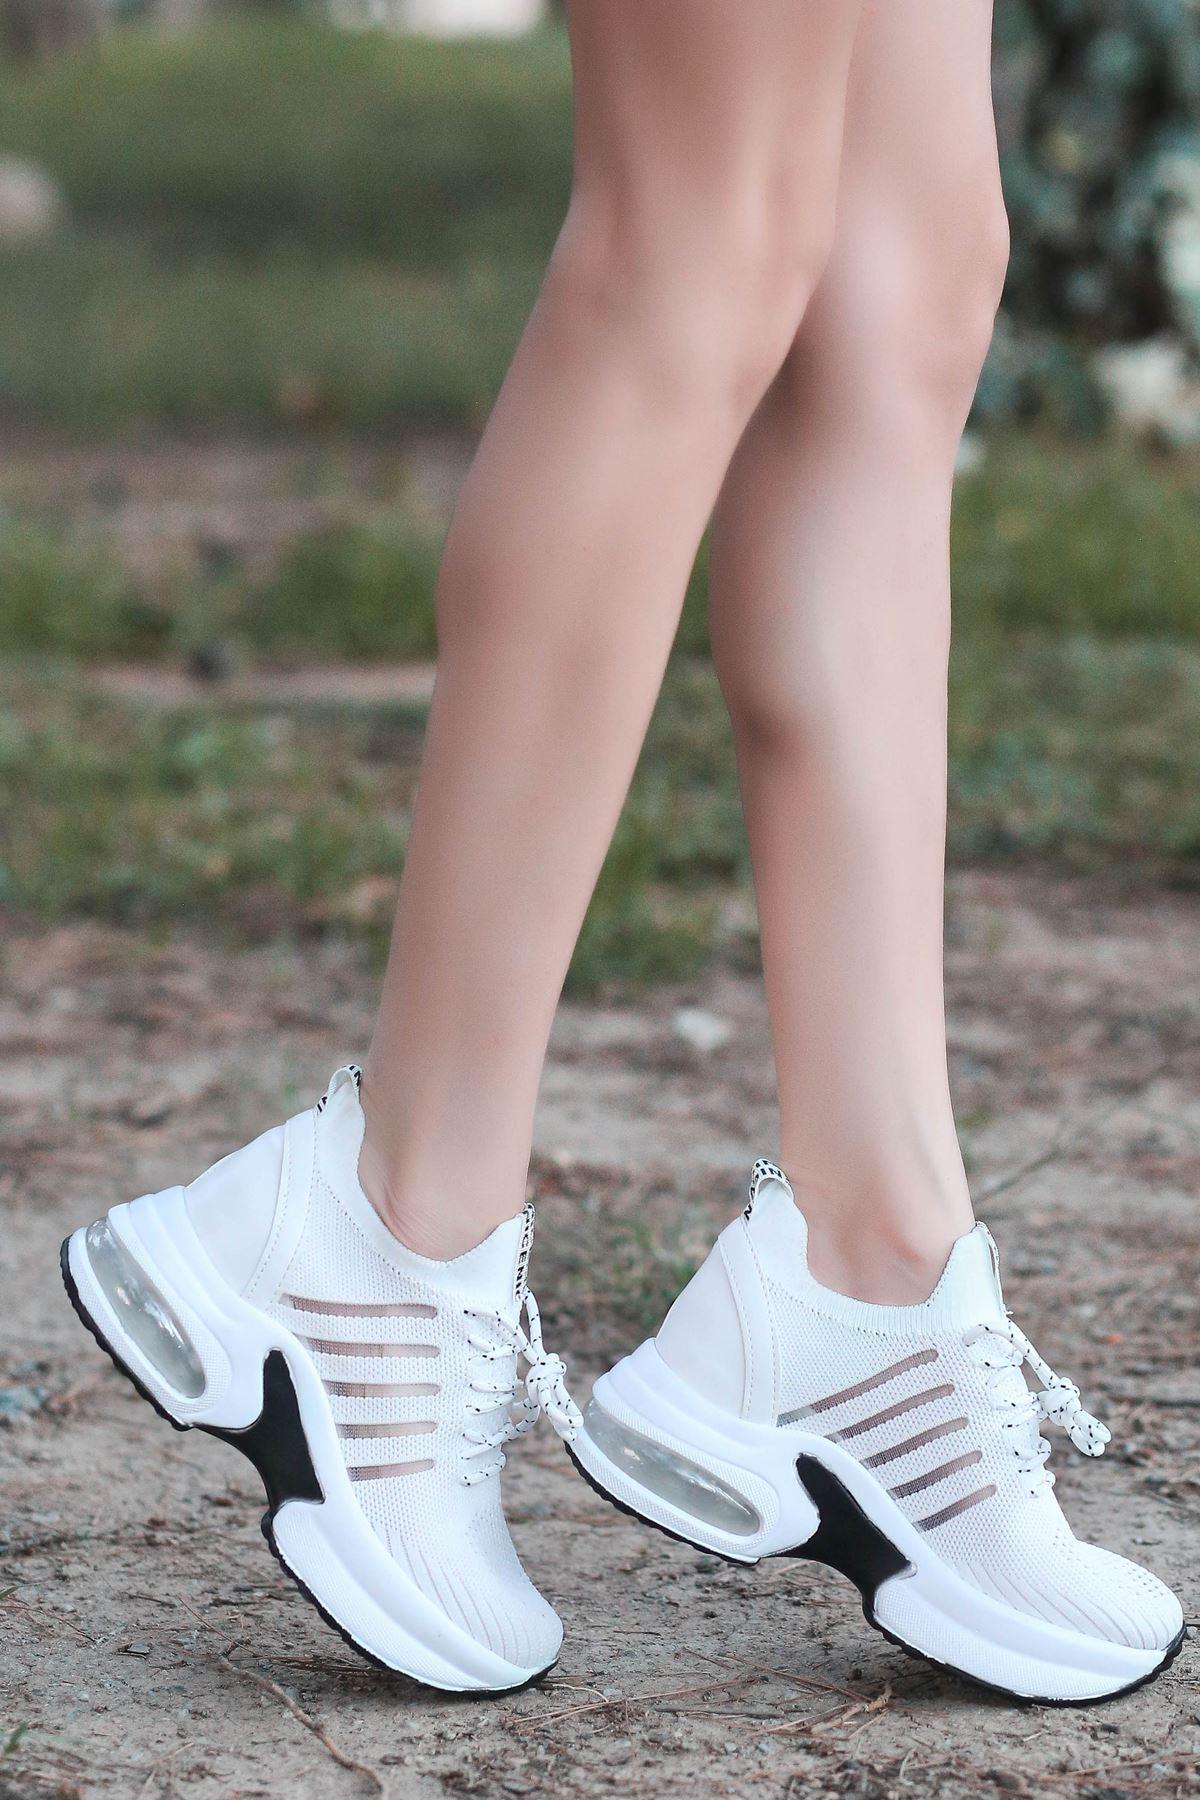 Loli Hava Tabanlı Triko File Detay Beyaz Kadın Spor Ayakkabı